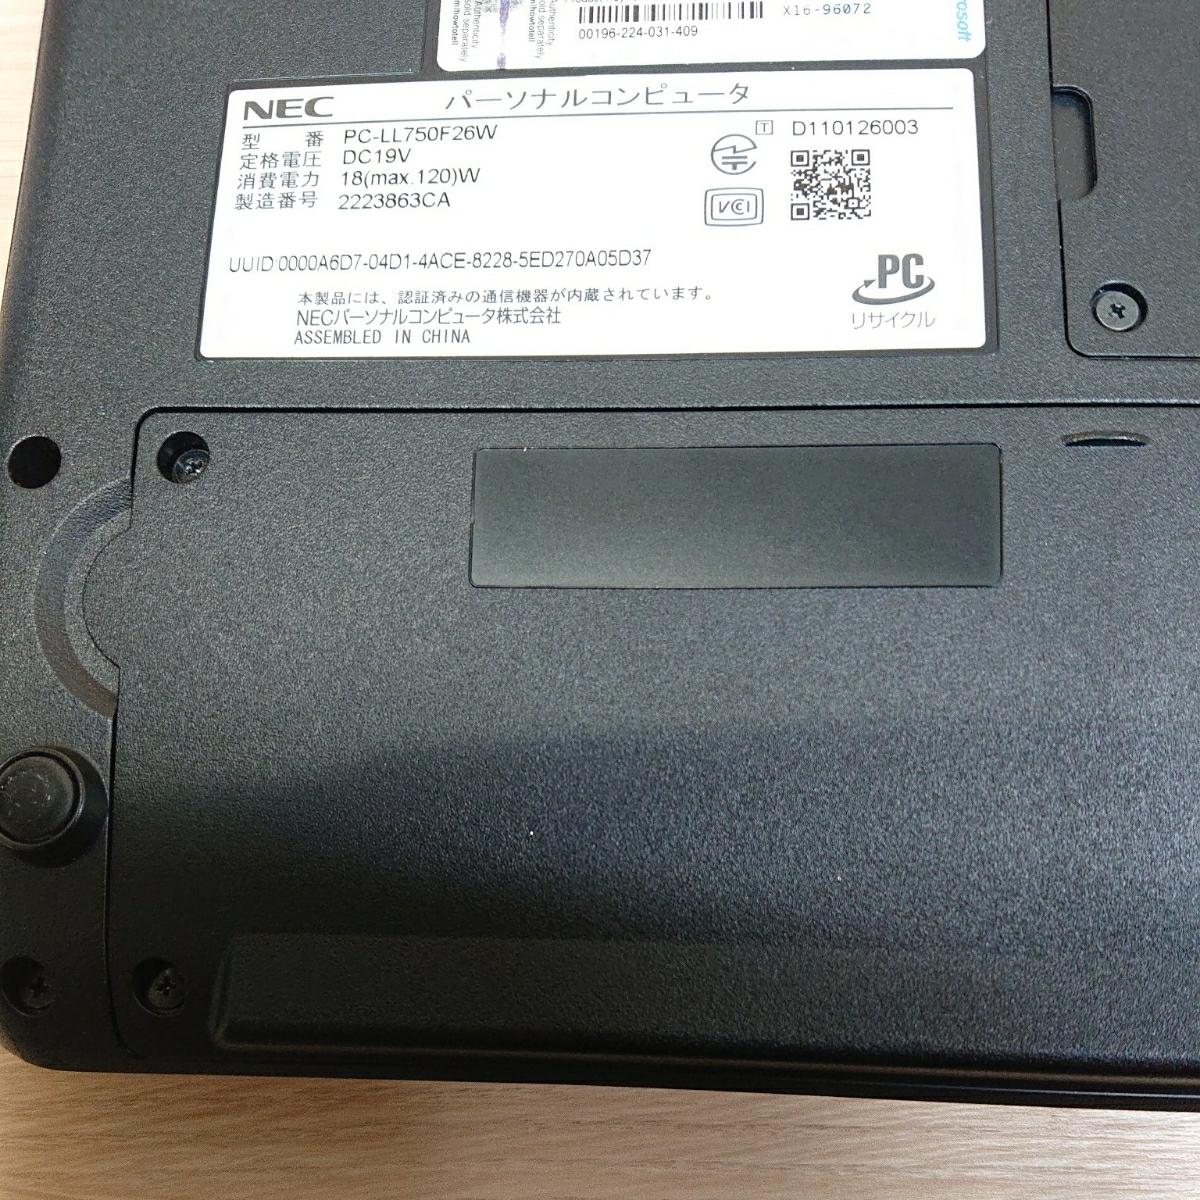 【B26】即決特典 爆速SSD240GB NEC LaVie LL750 ホワイト YAMAHAsound ノートパソコン core i7-2670QM メモリ8GB Windows10 Office2019 _画像10